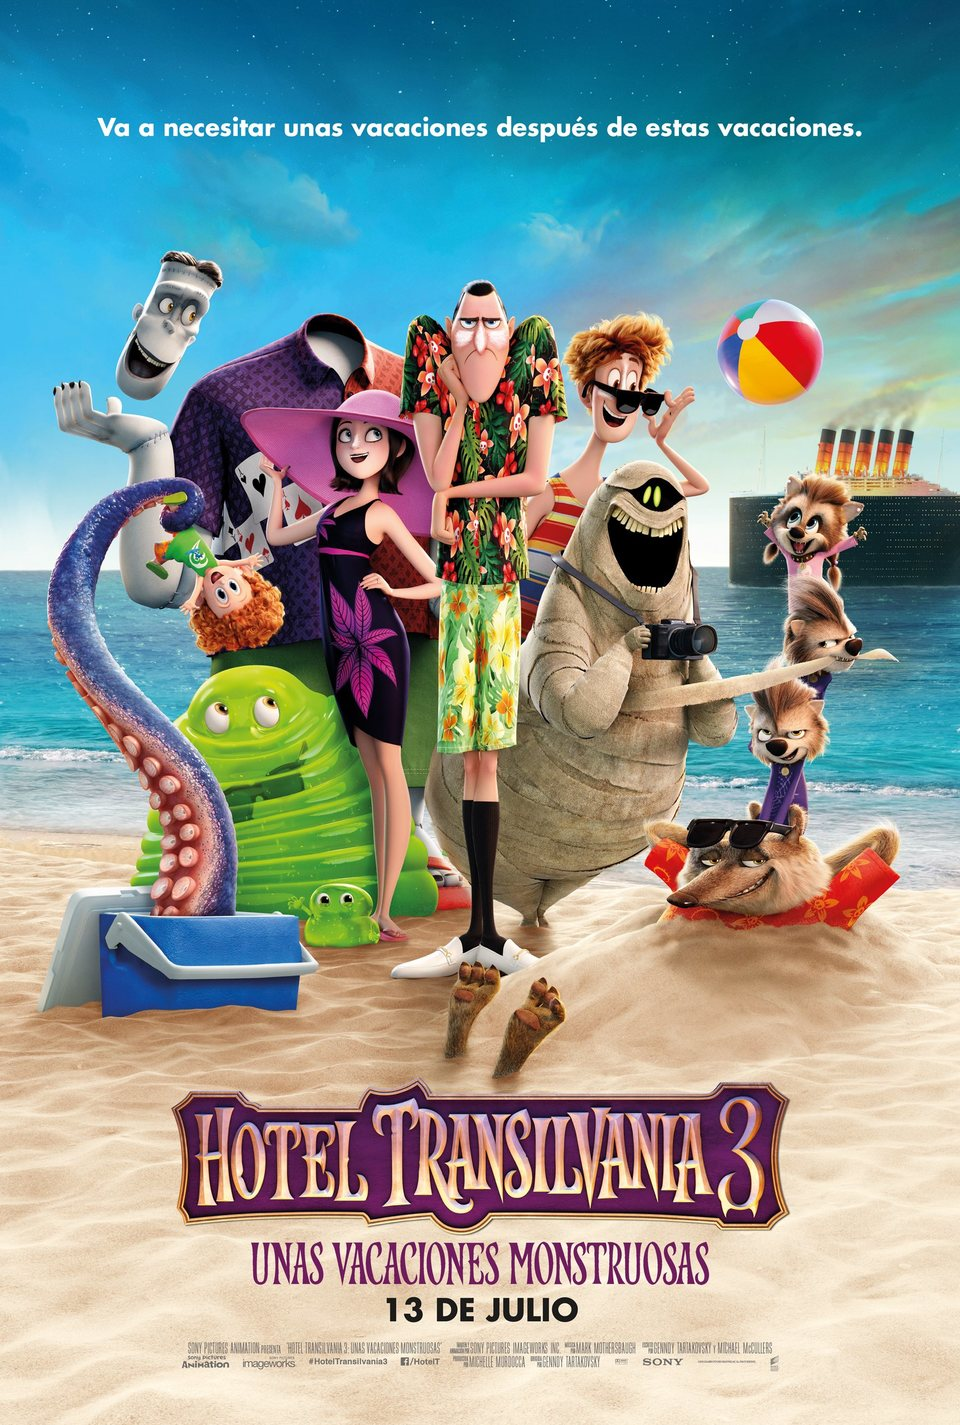 HOTEL TRANSILVANIA 3: UNAS VACACIONES MONSTRUOSAS Multicines Guadalajara